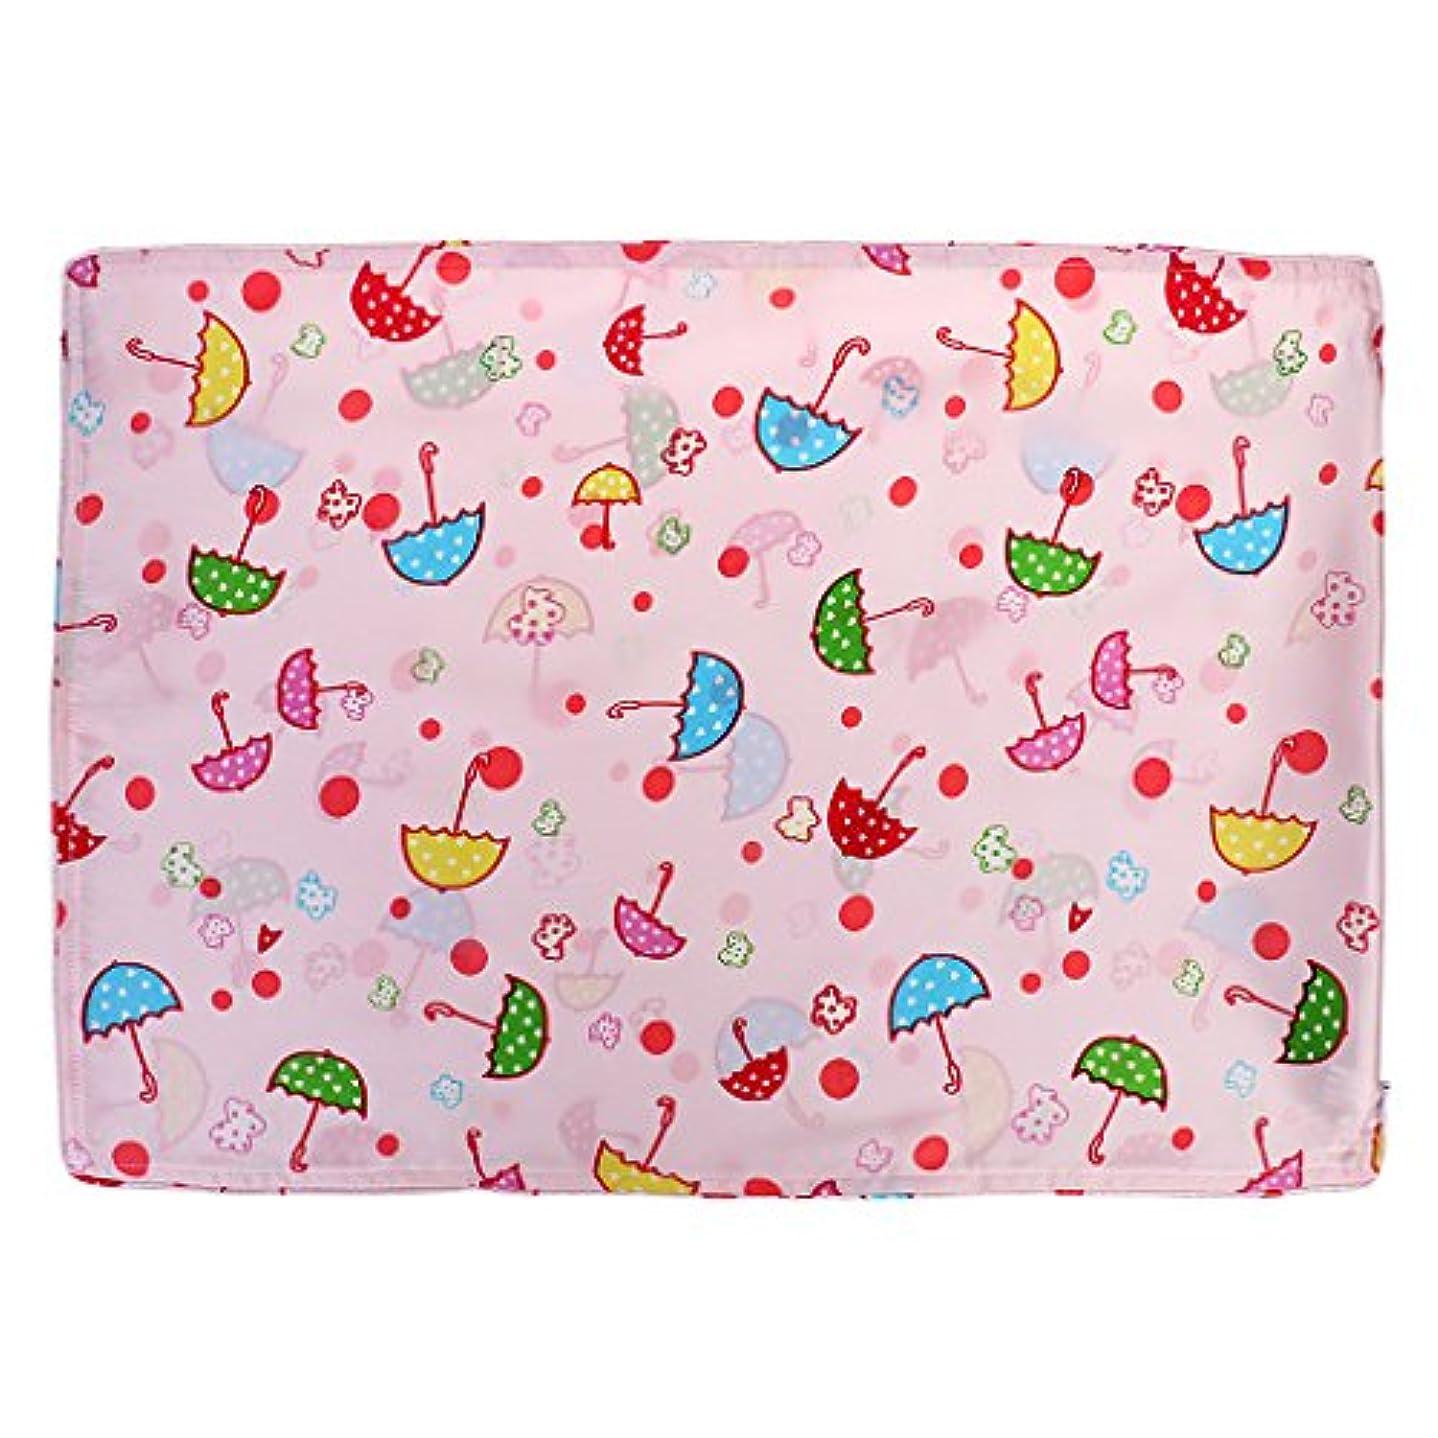 太陽章冷ややかなかわいいベビーキッズ100%シルクサテン両面枕カバー30 * 50センチメートル傘ピンク